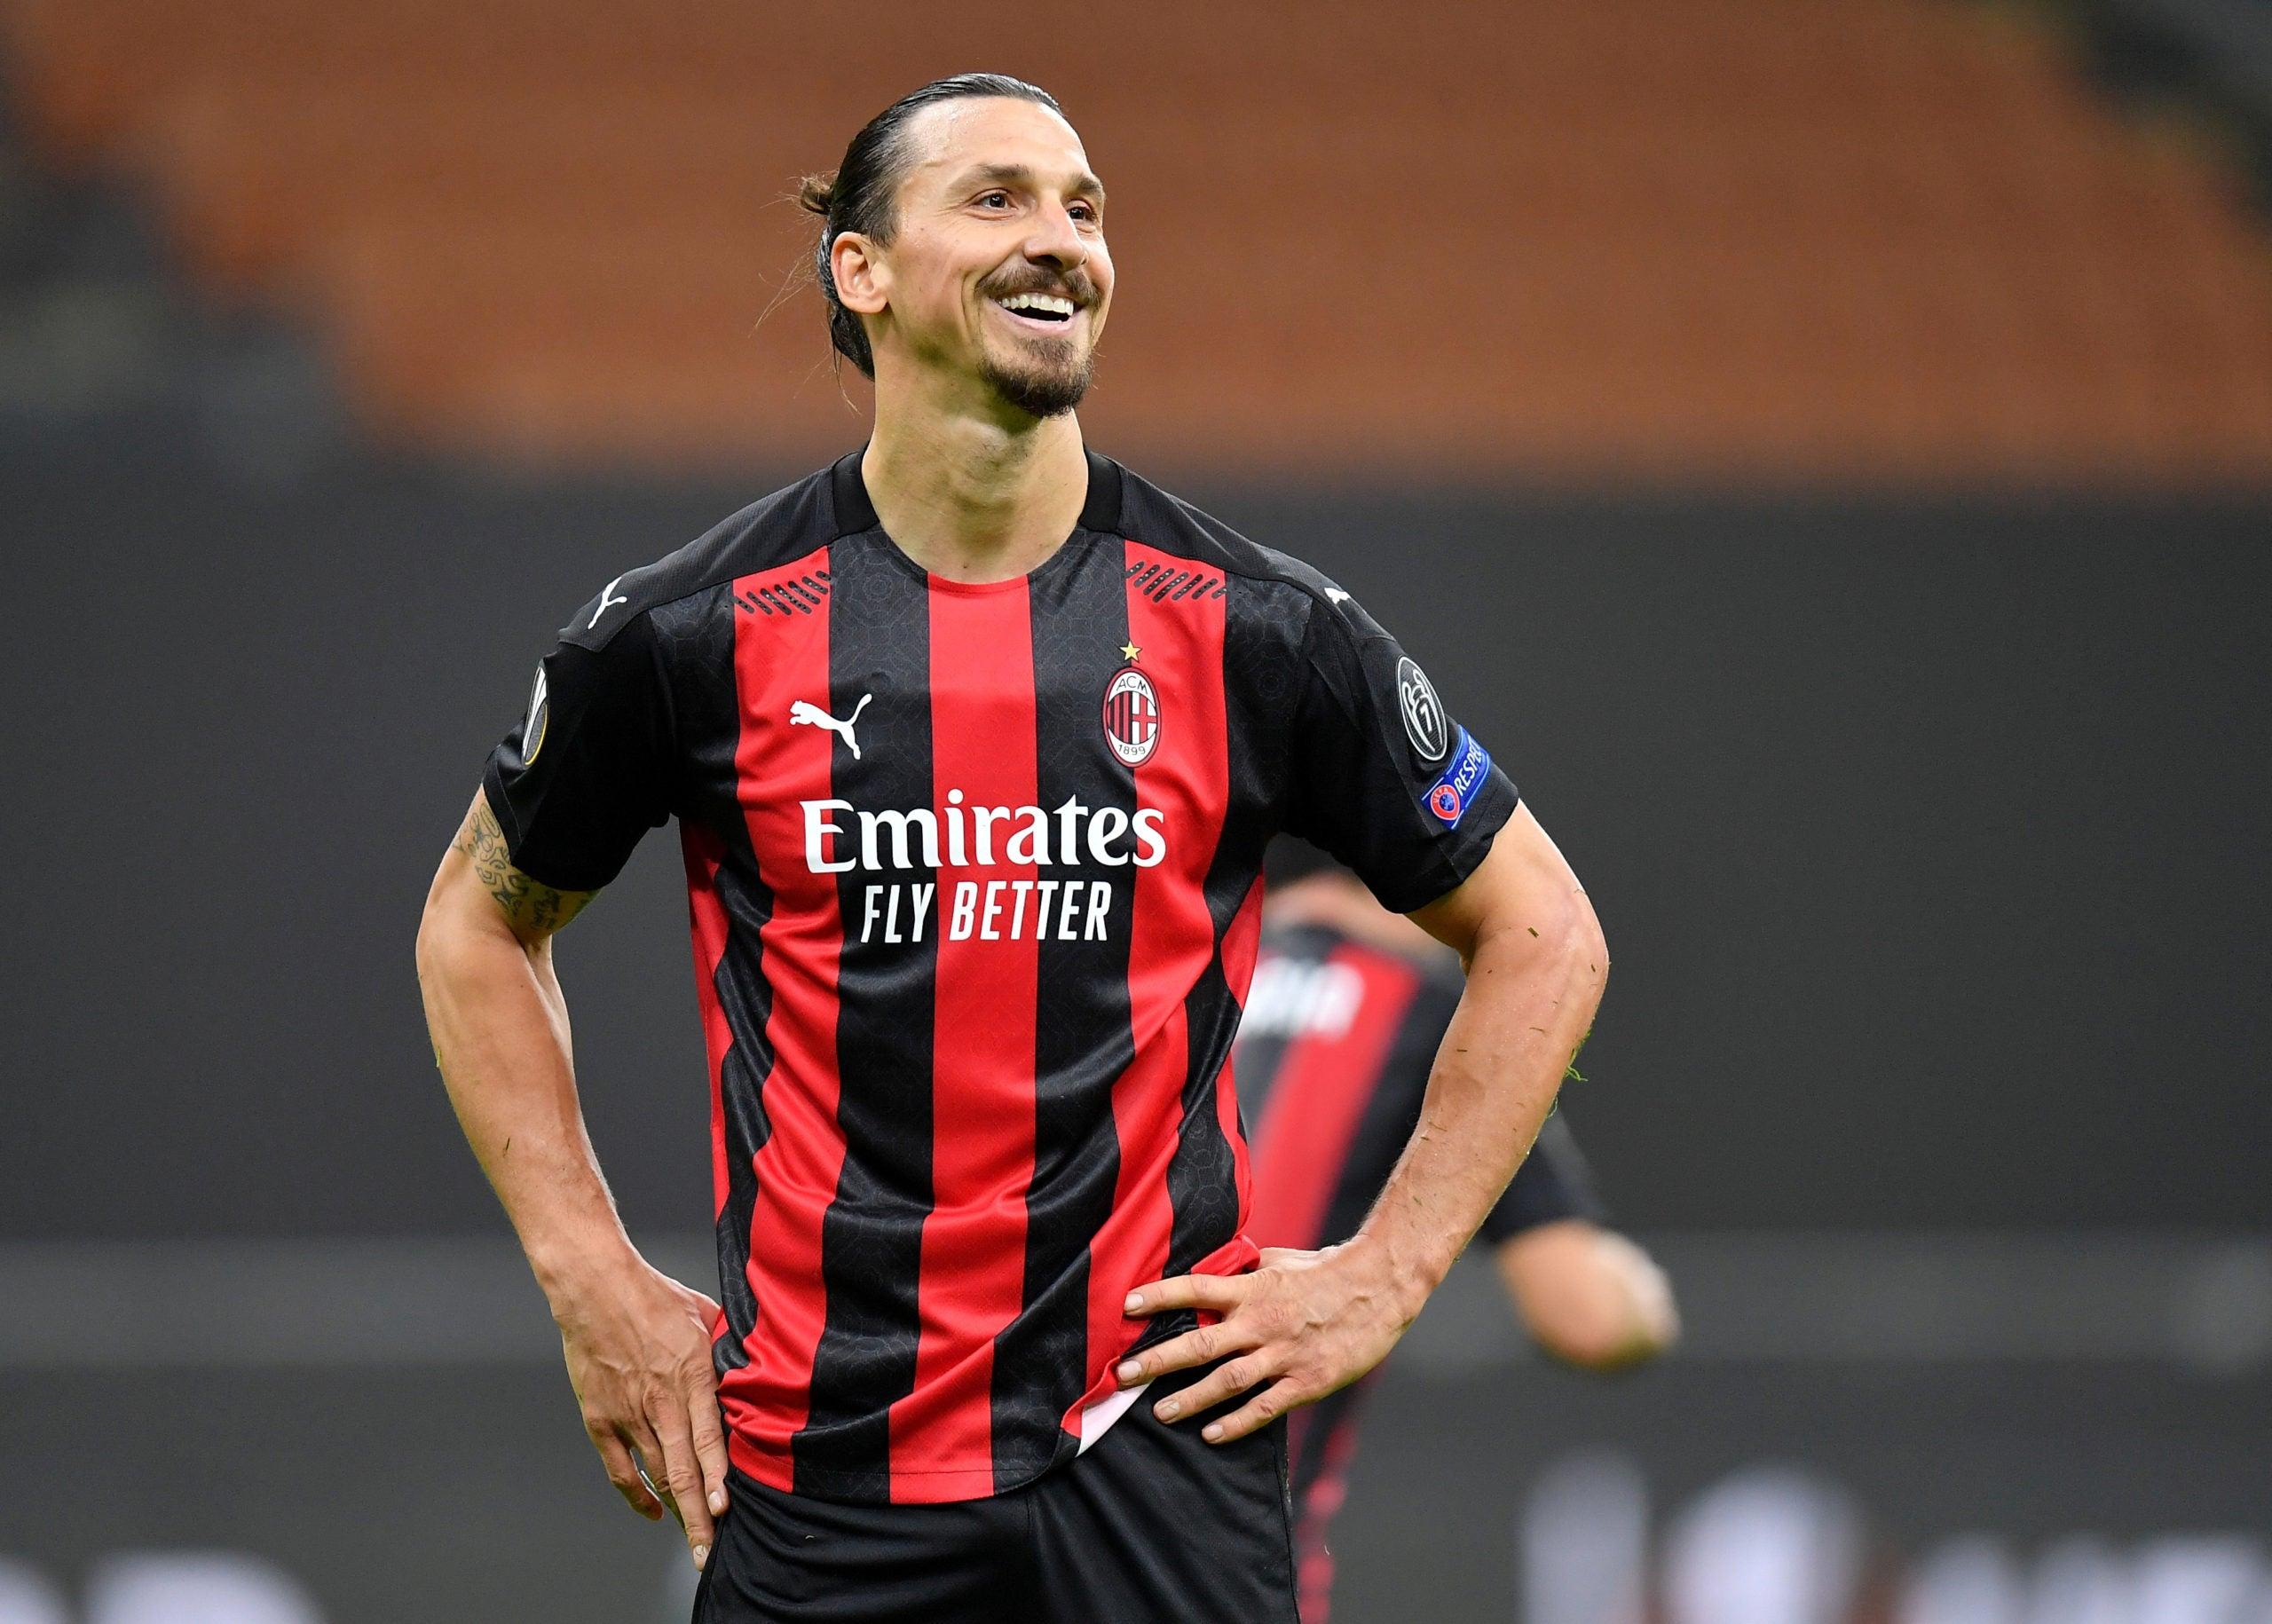 AC Milan forward Zlatan Ibrahimovic